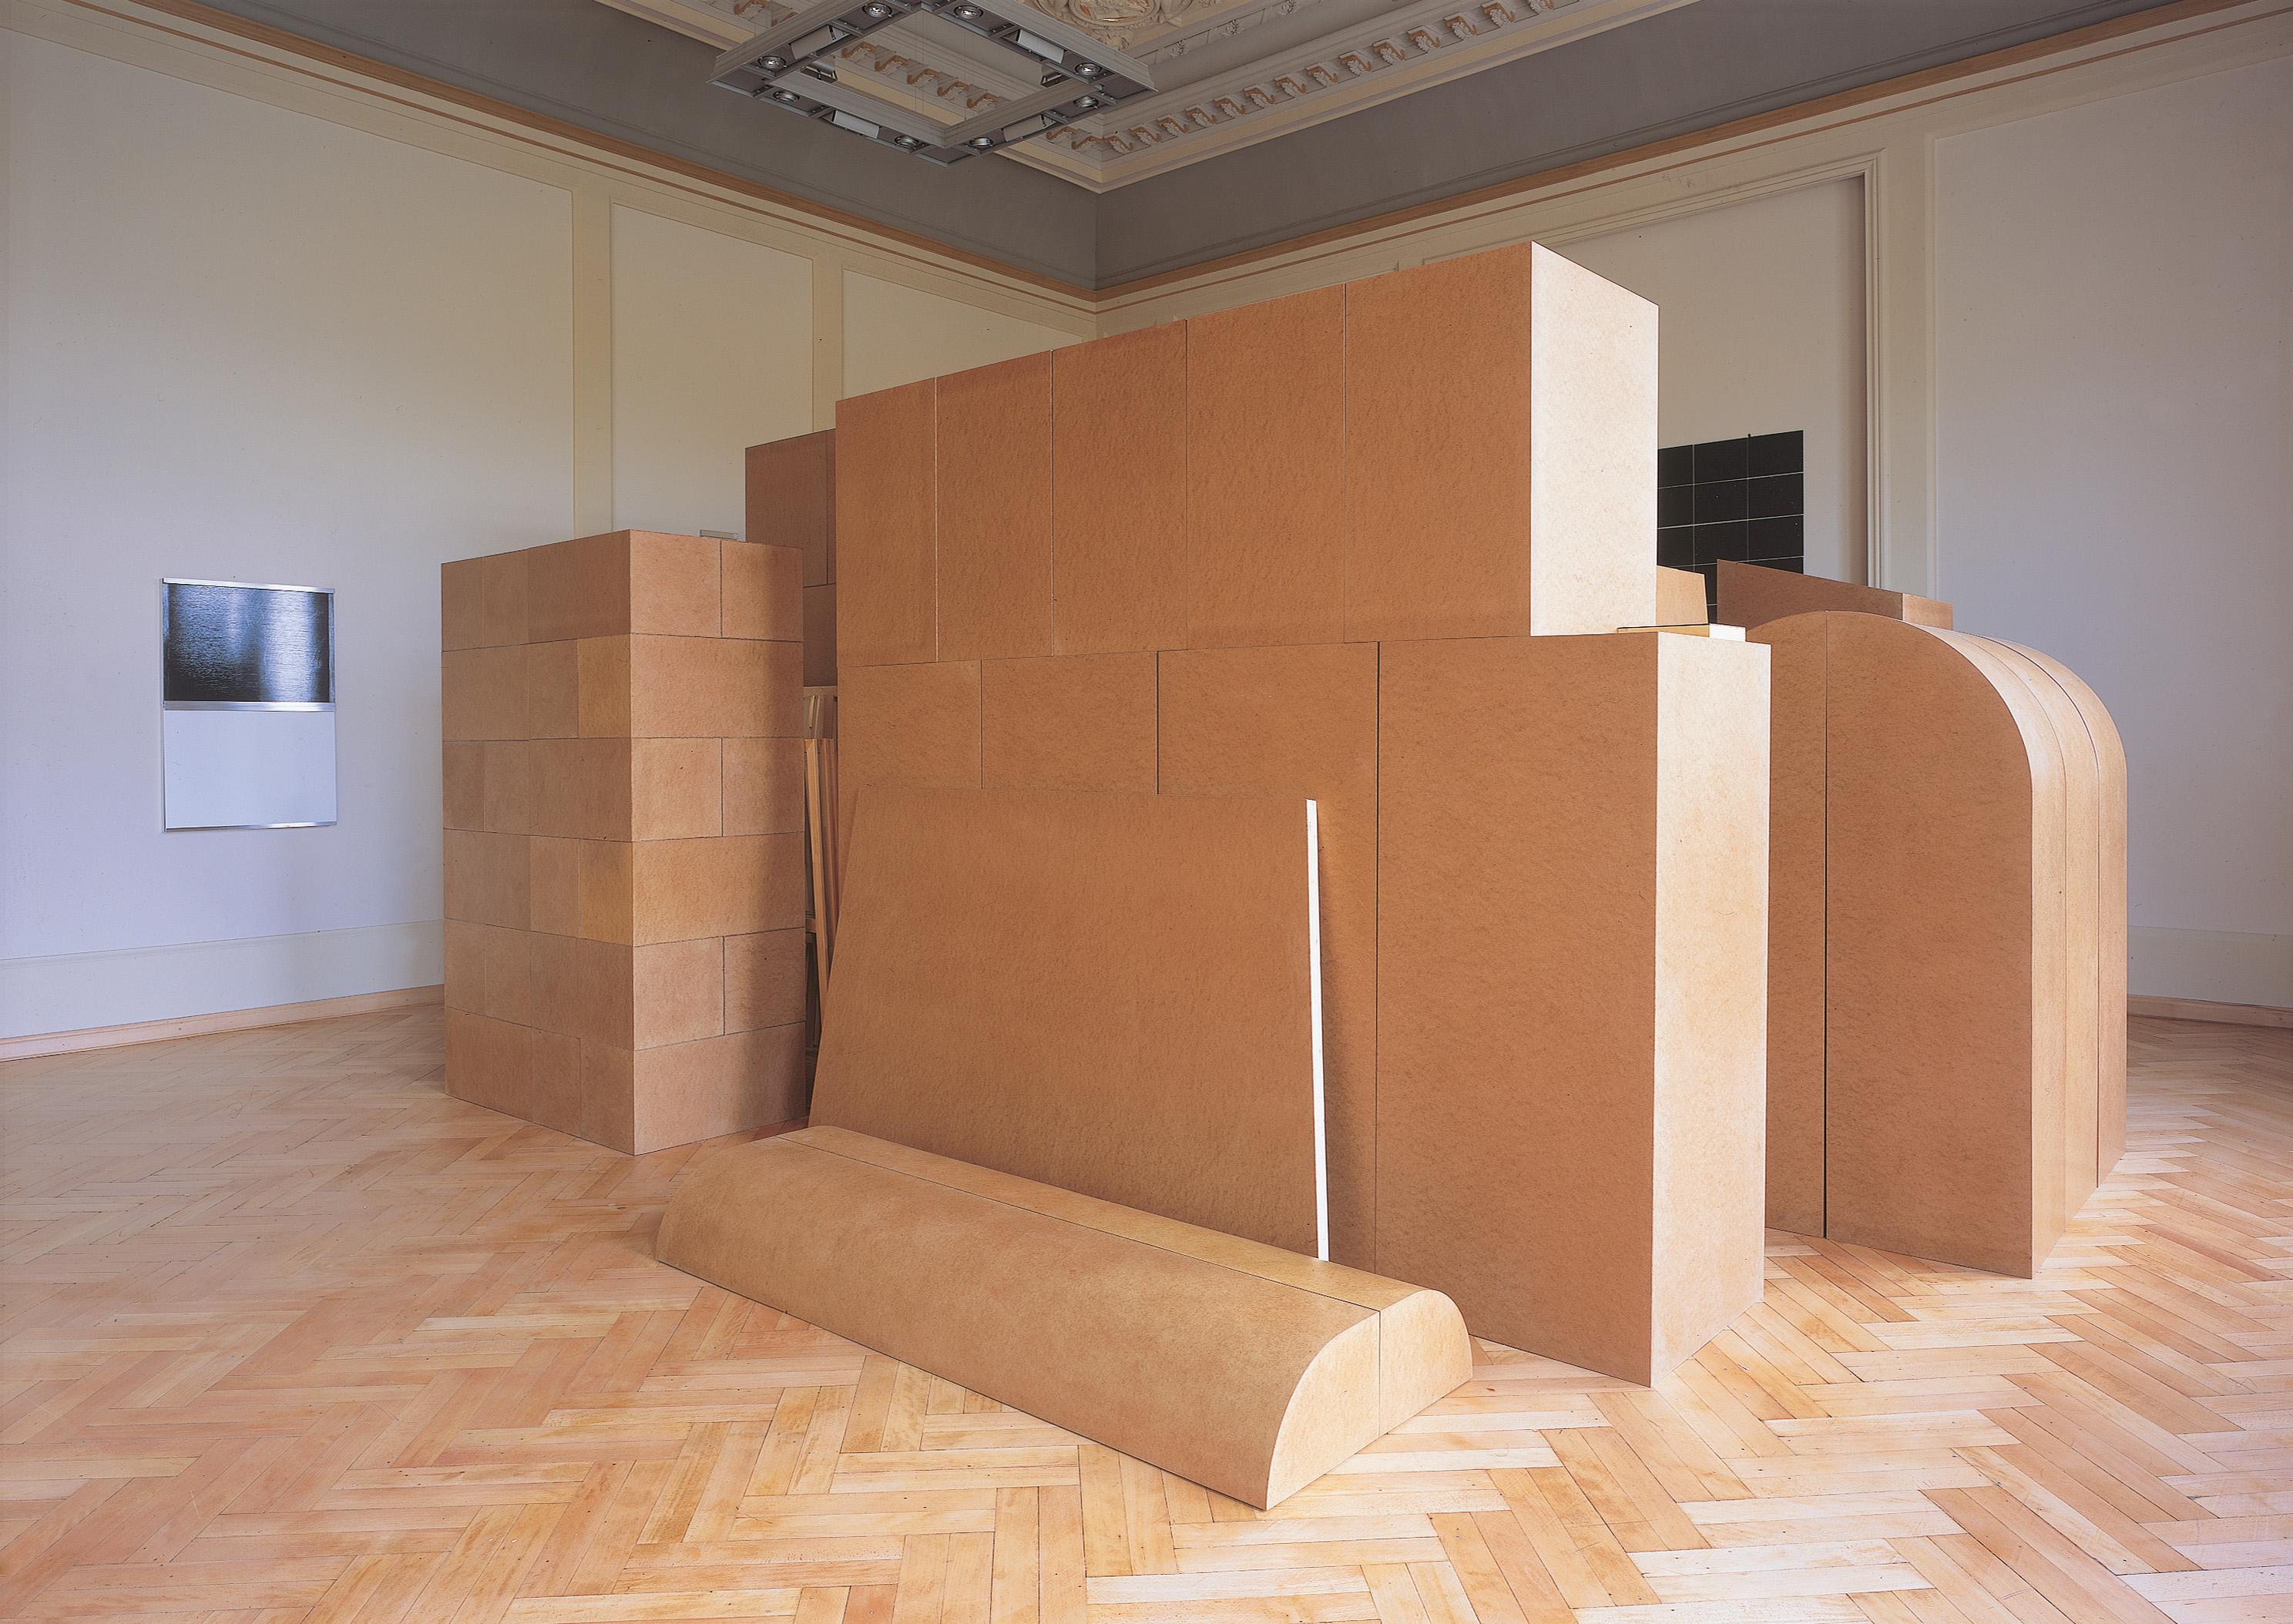 Imi Knoebel: Raum 19 III, 1968/2006 Hartfaser, Holz, Keilrahmen Besitz des Künstlers Foto: Ivo Faber © VG Bild-Kunst, Bonn 2014